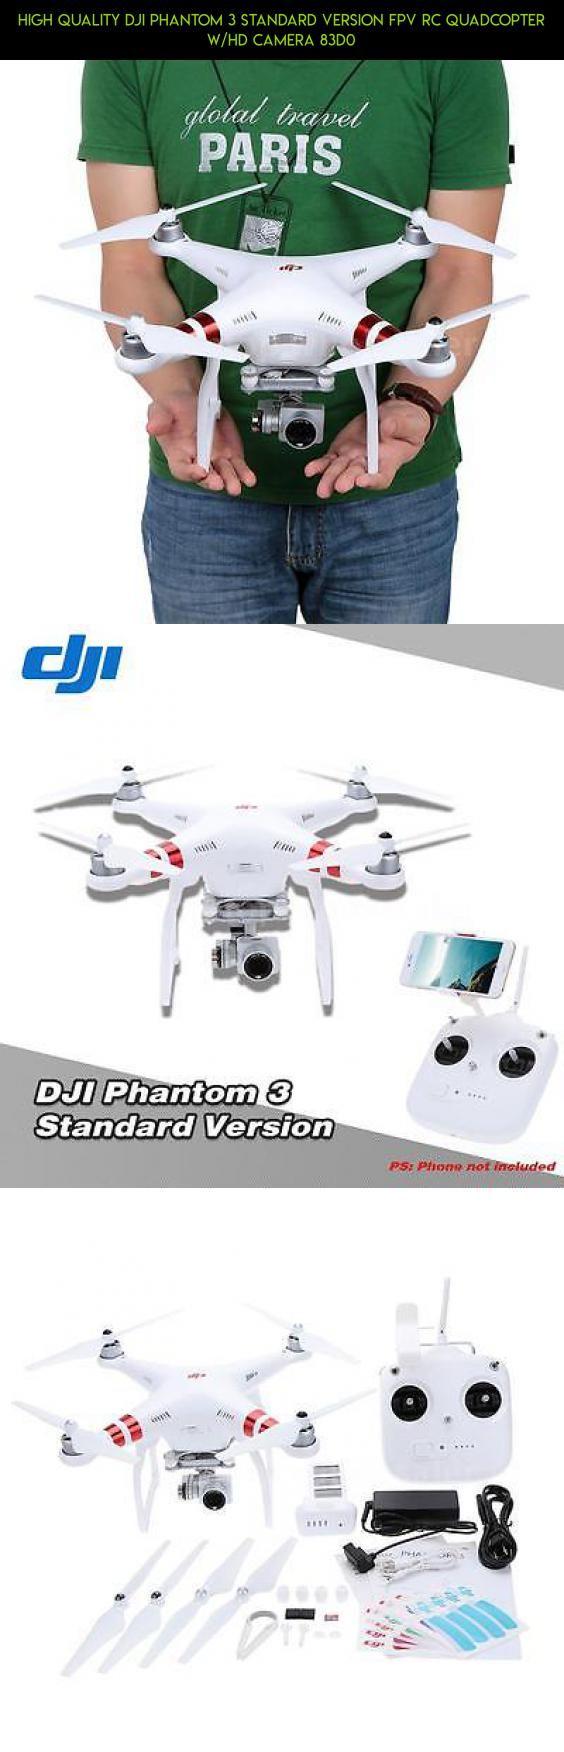 High Quality DJI Phantom 3 Standard Version FPV RC Quadcopter w/HD Camera 83D0 #parts #shopping #kit #products #fpv #gadgets #standard #3 #camera #dji #phantom #drone #version #racing #plans #technology #tech